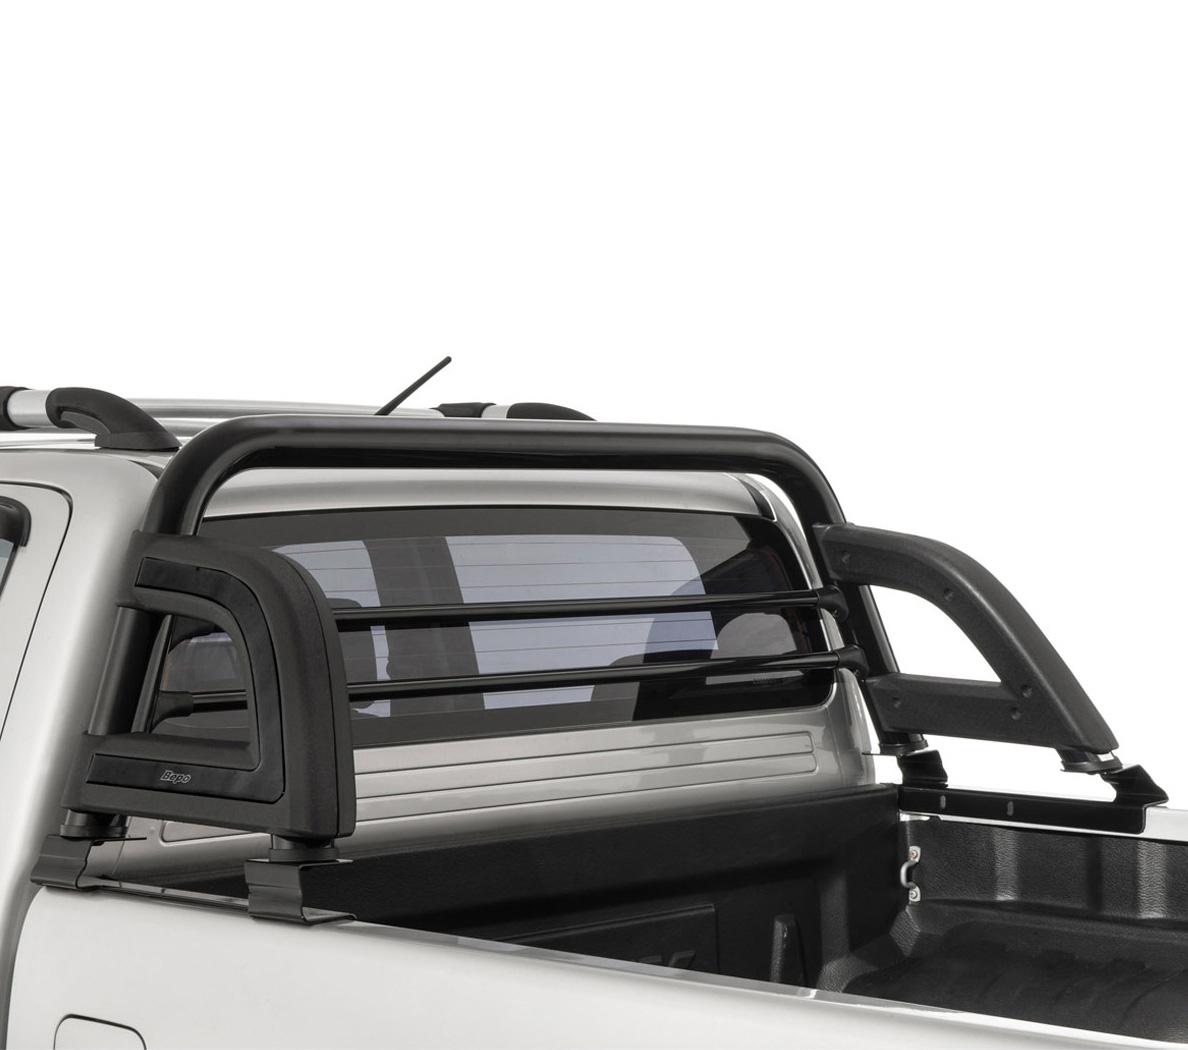 Santo antônio preto esportivo Bepo Nova Ranger 2013 a 2017 com barras de proteção de vidro